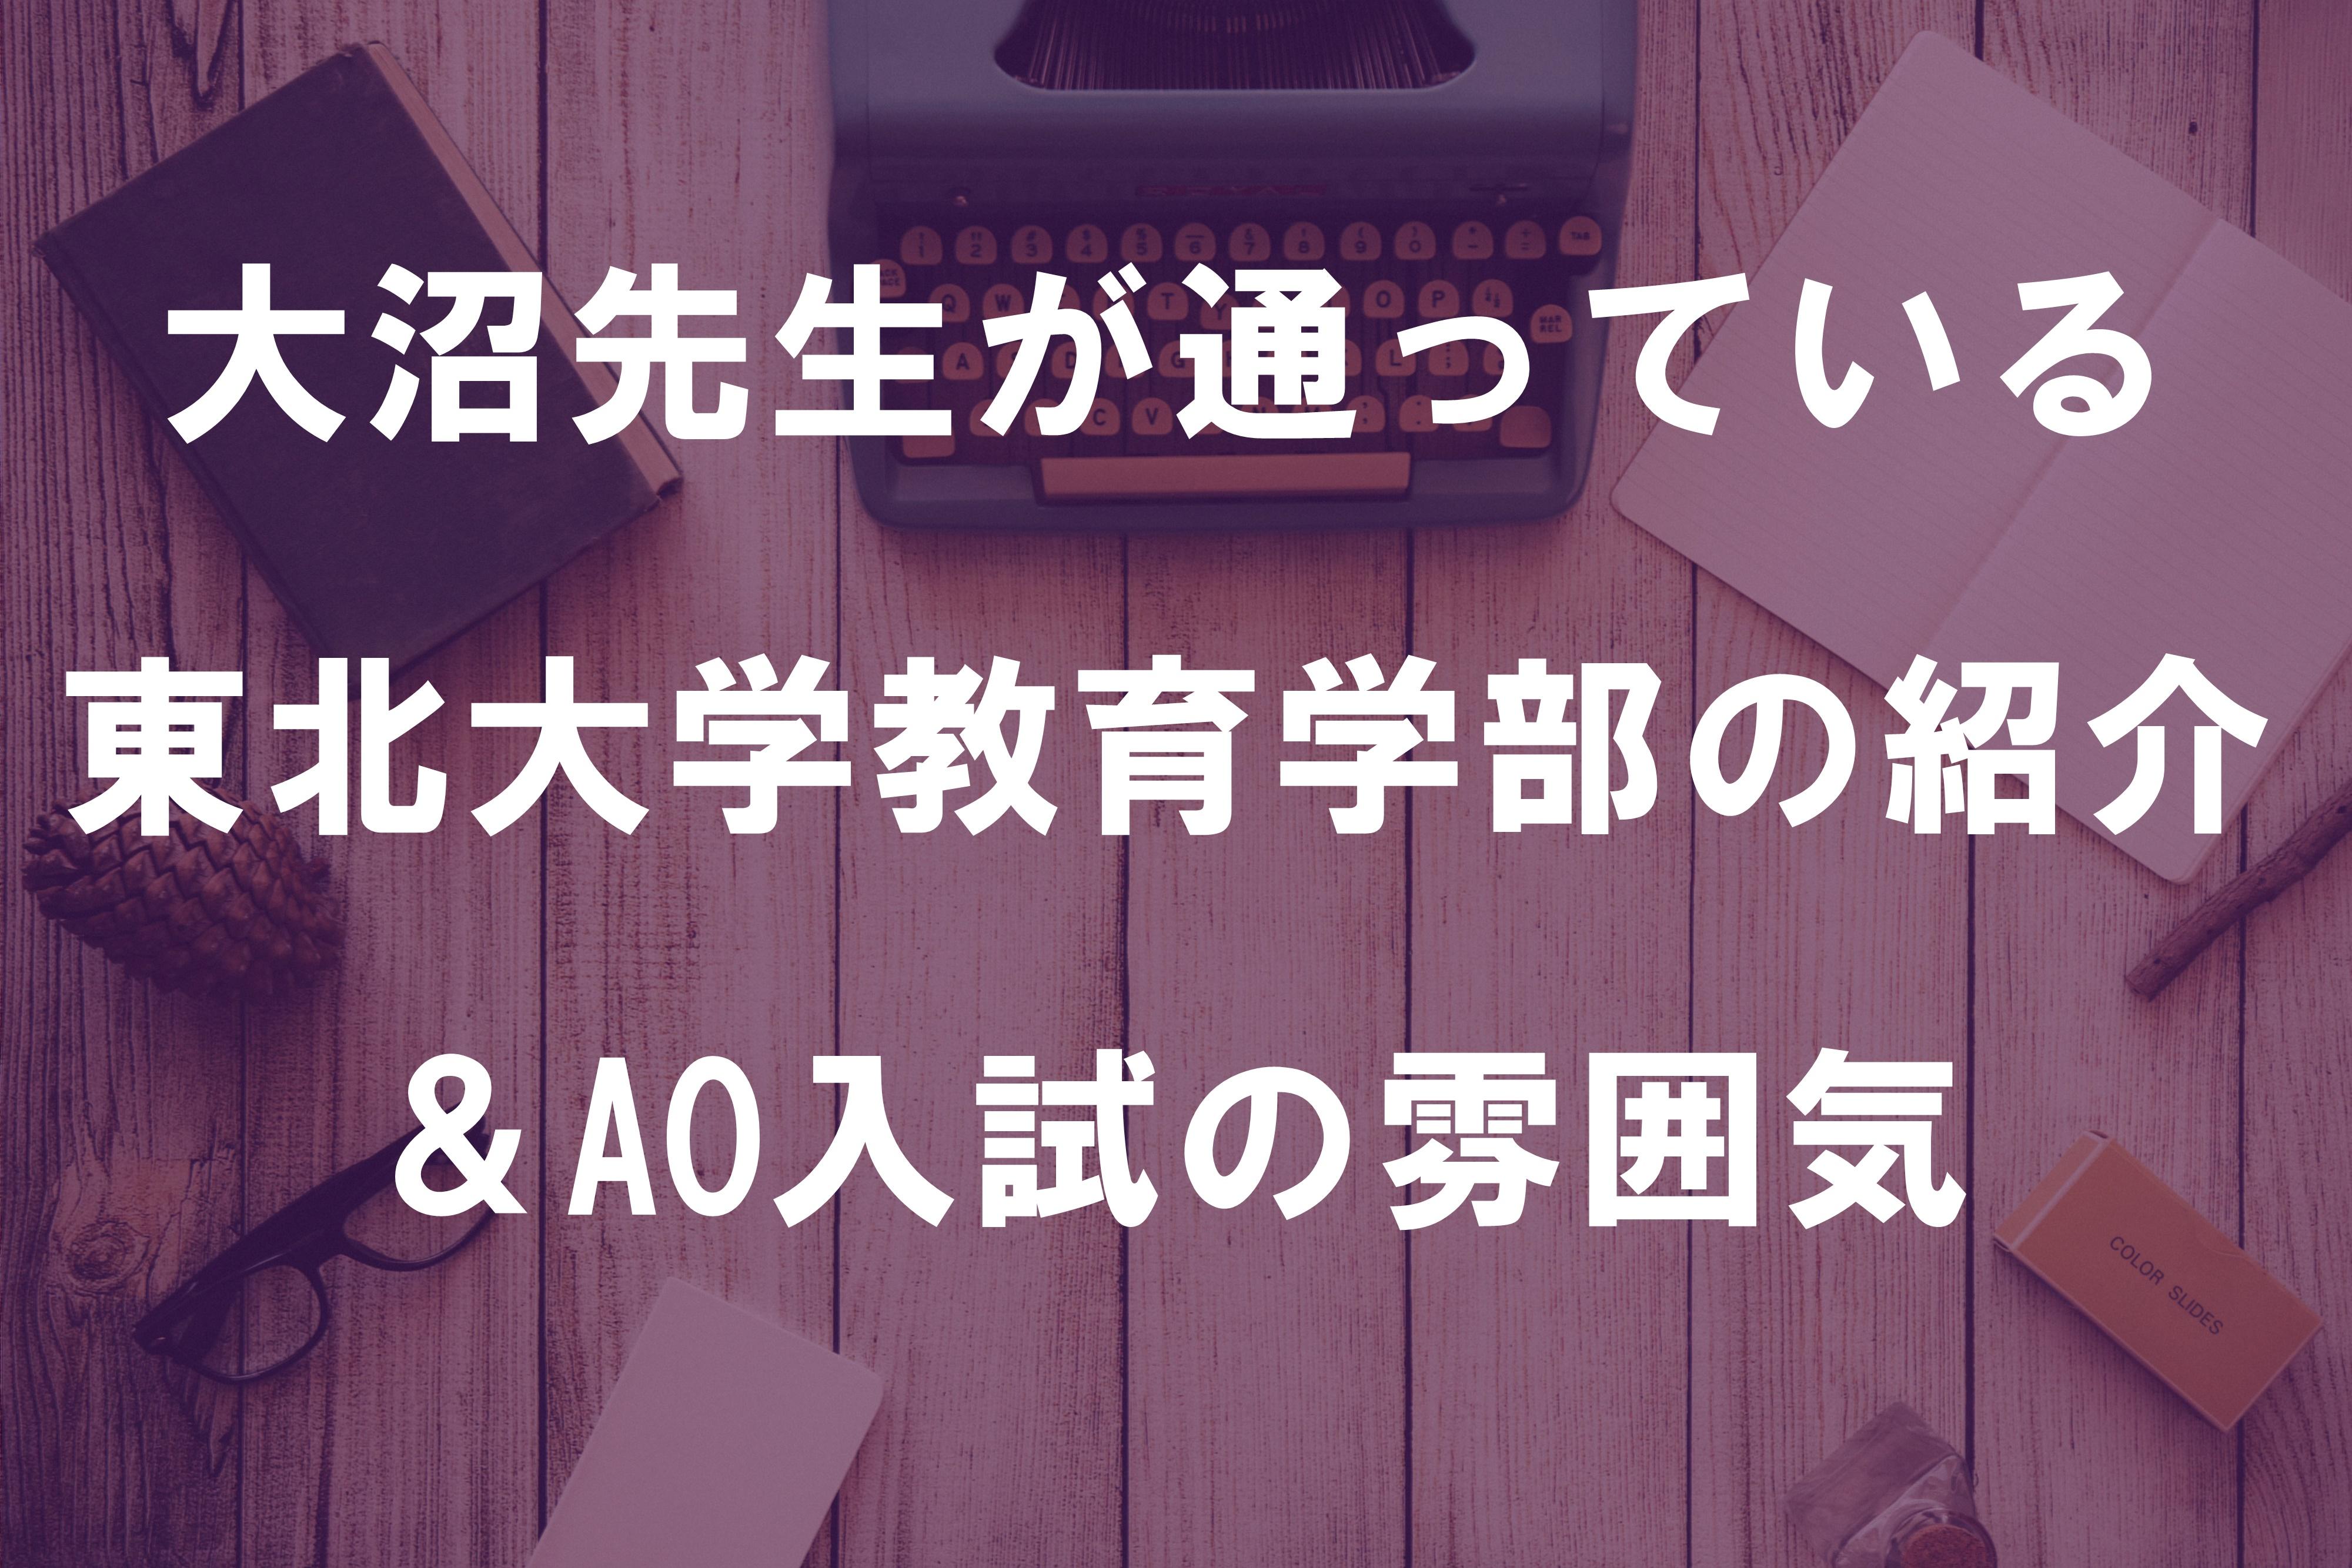 大沼先生が通っている東北大学教育学部の紹介&AO入試の雰囲気